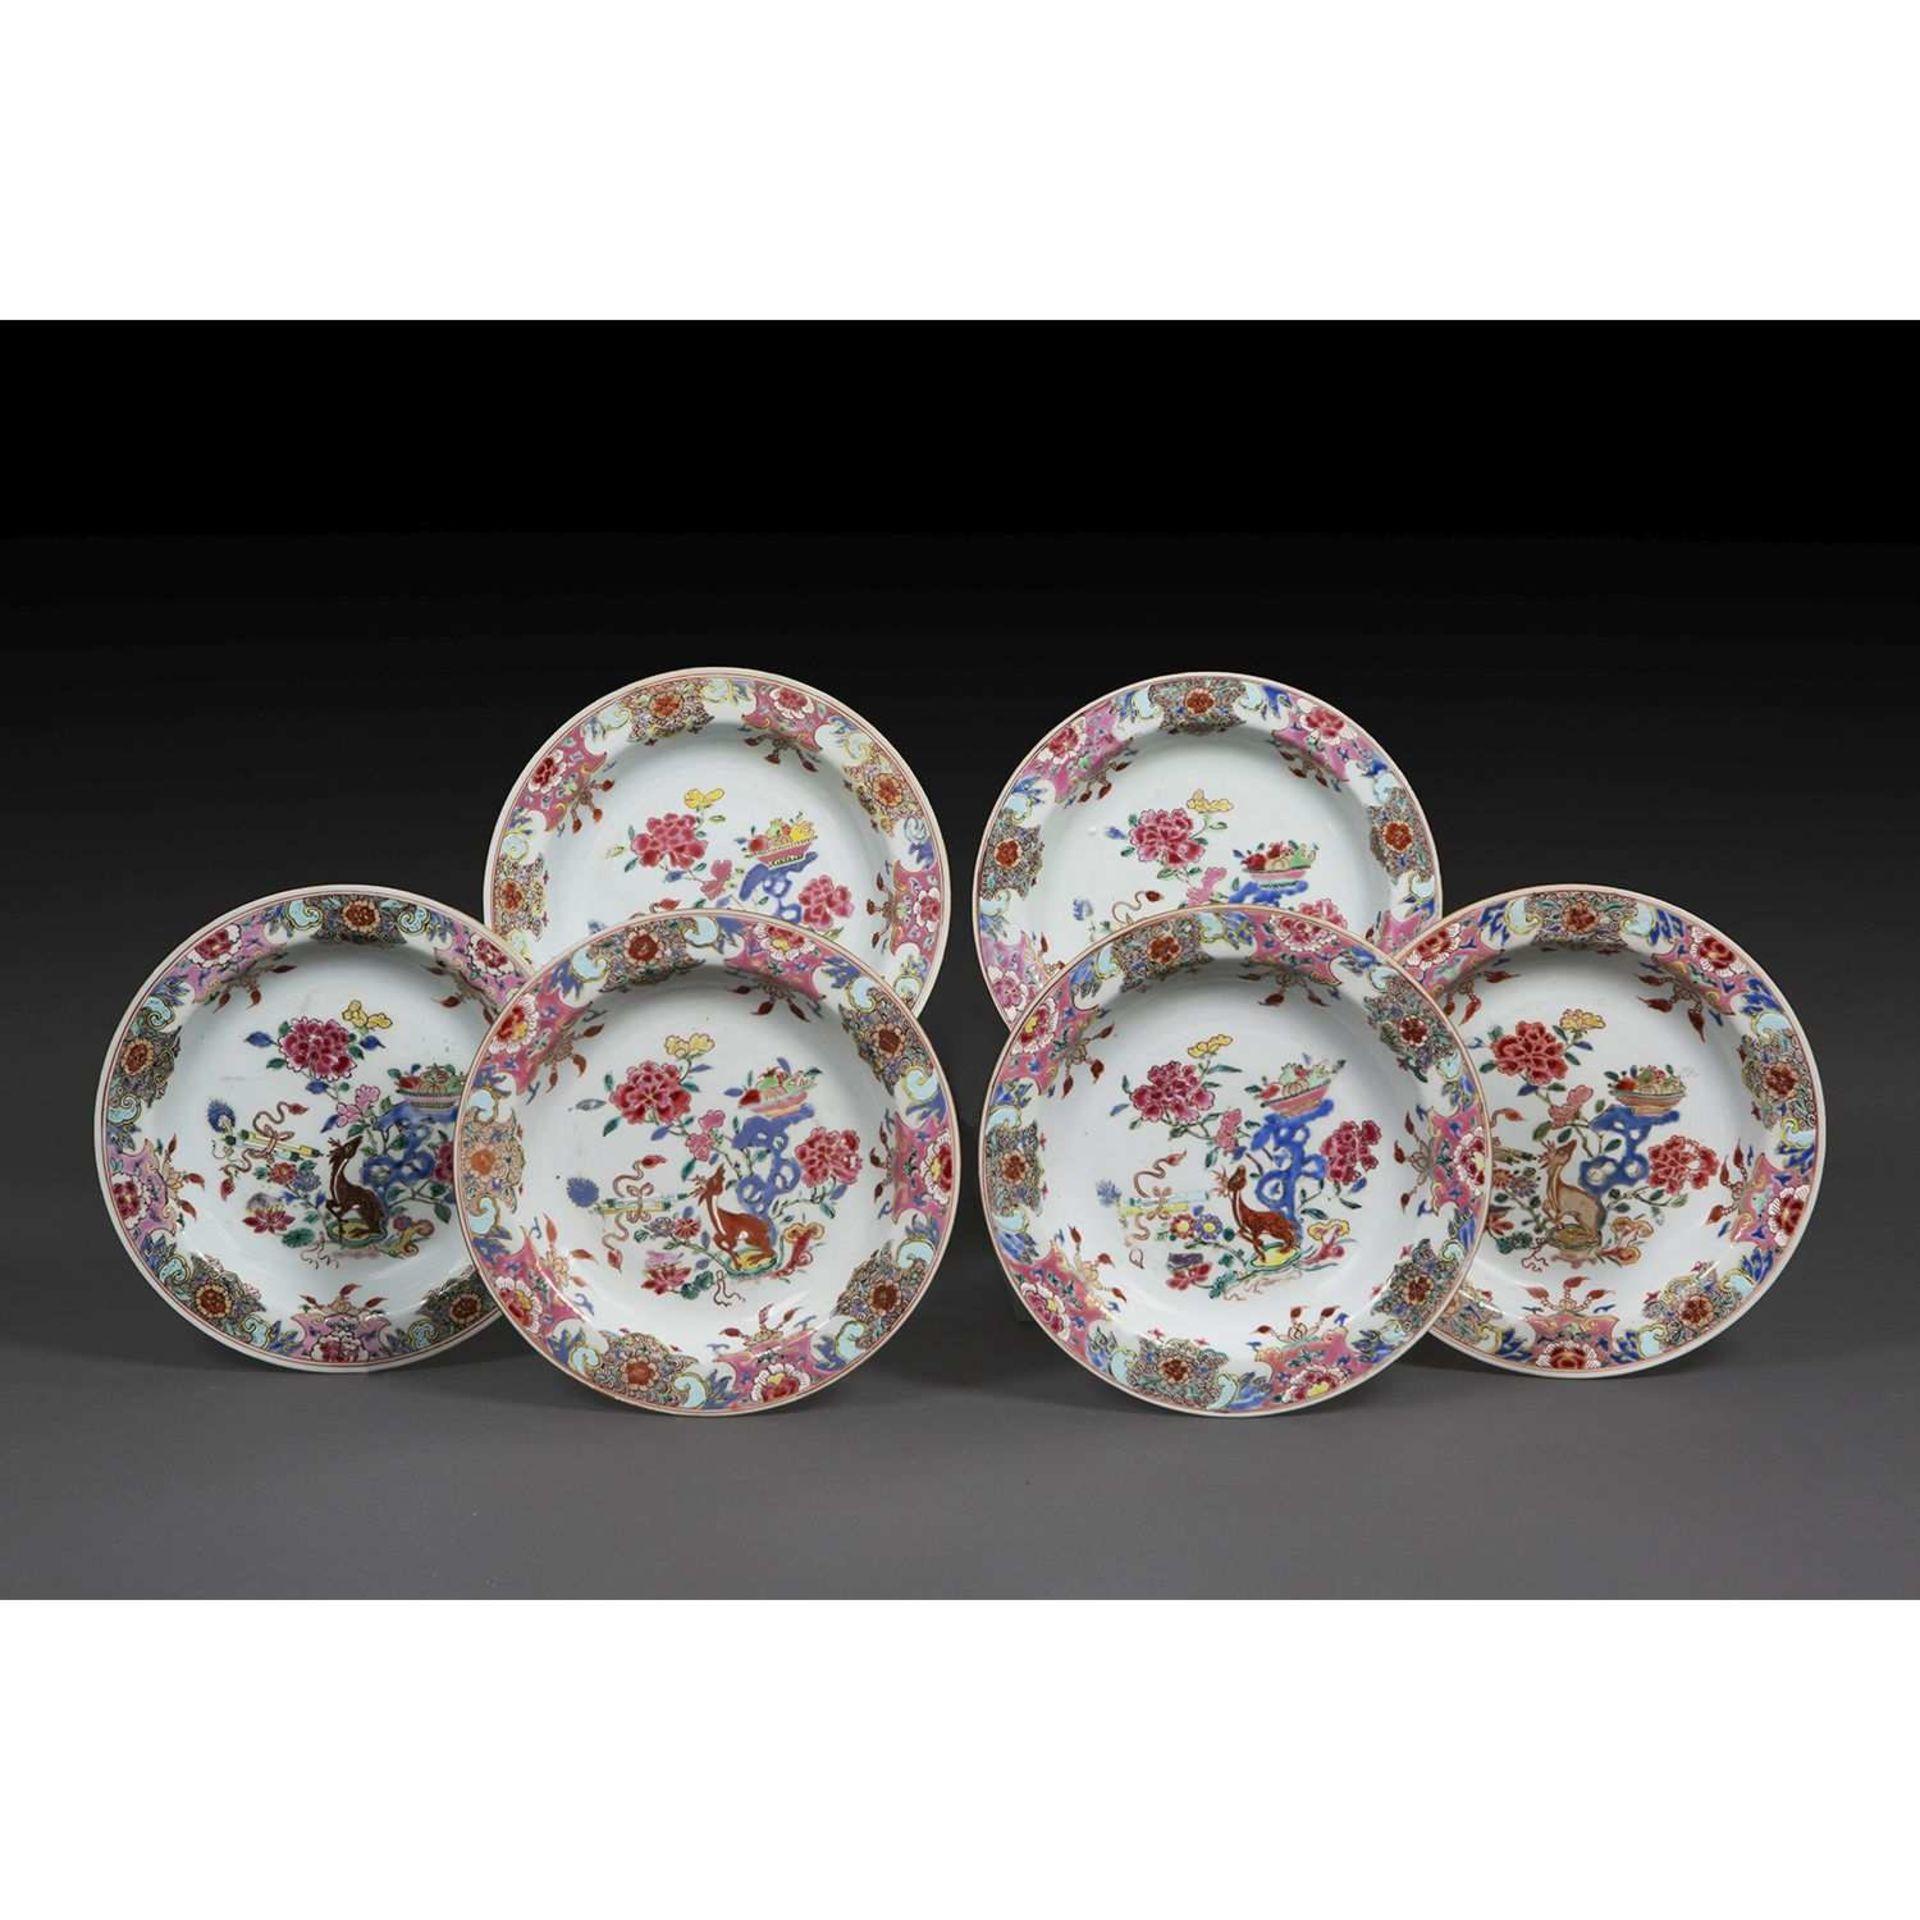 SUITE DE SIX ASSIETTES CREUSES en porcelaine et émaux polychromes de la famille rose, ornées en leur